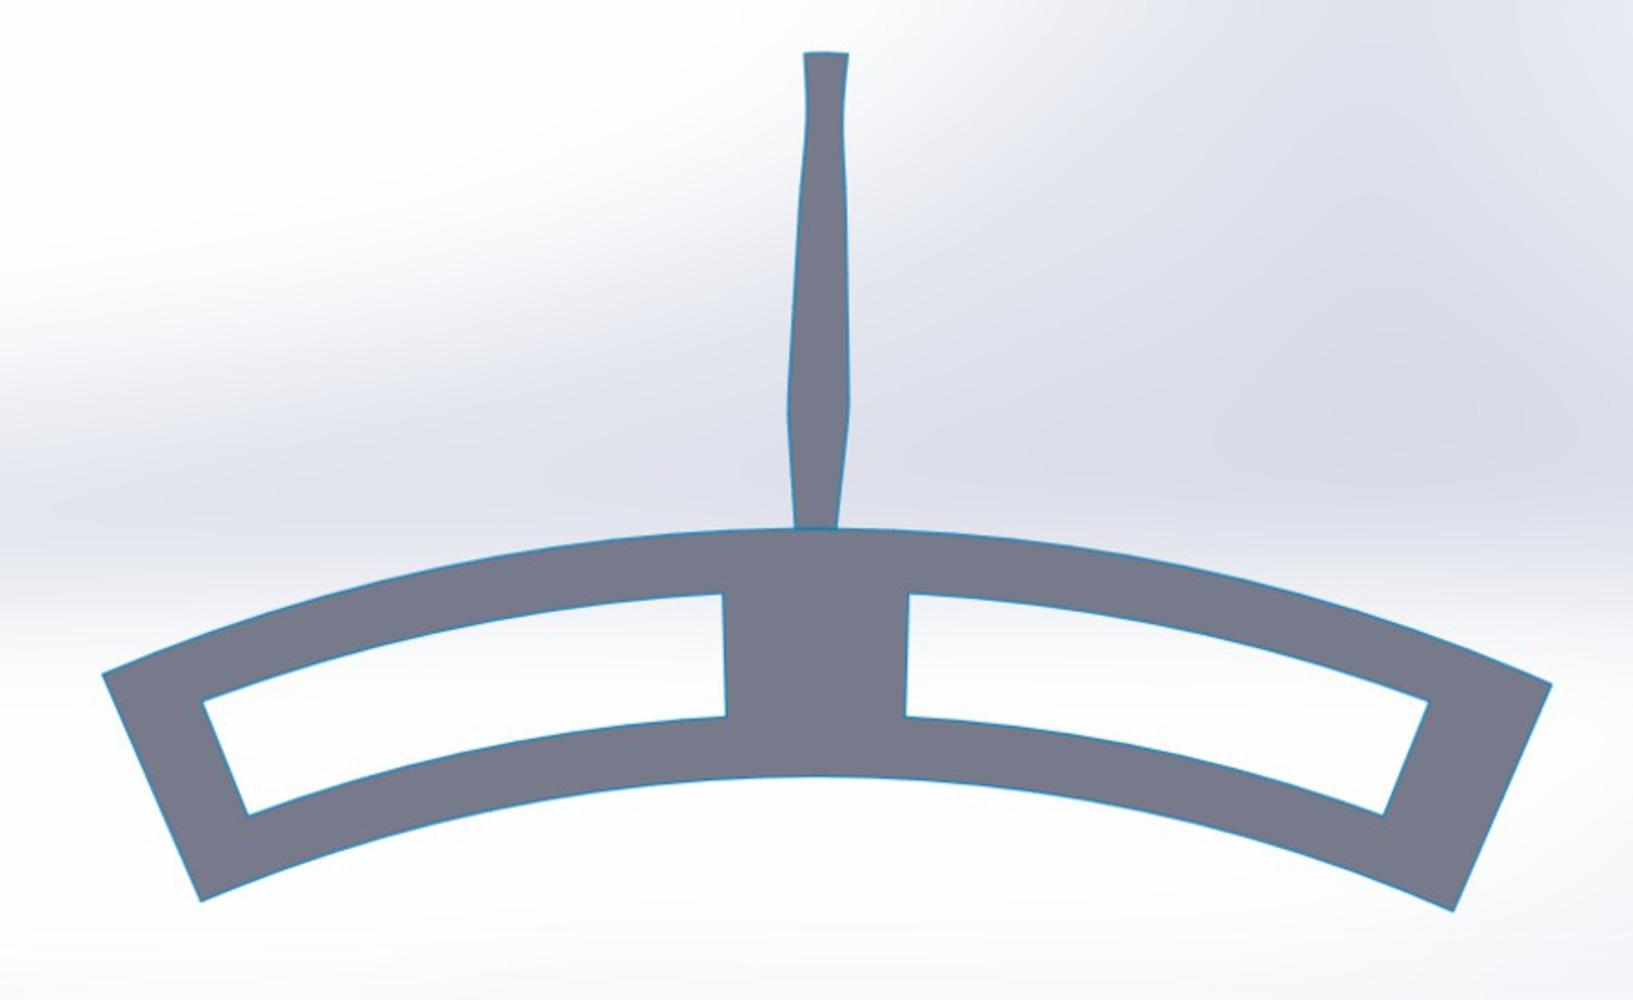 Flat surface 1.png.thumb